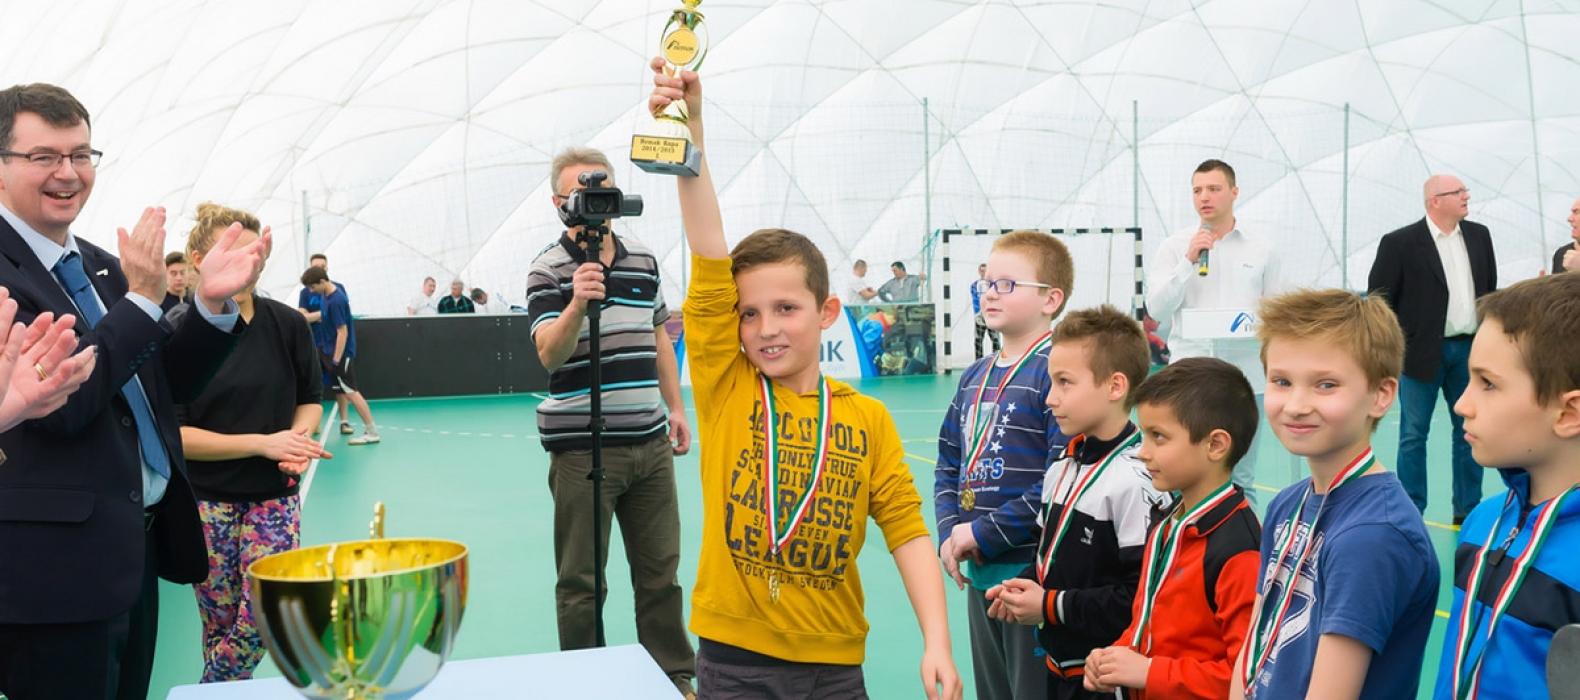 NEMAK KUPA díjátadó